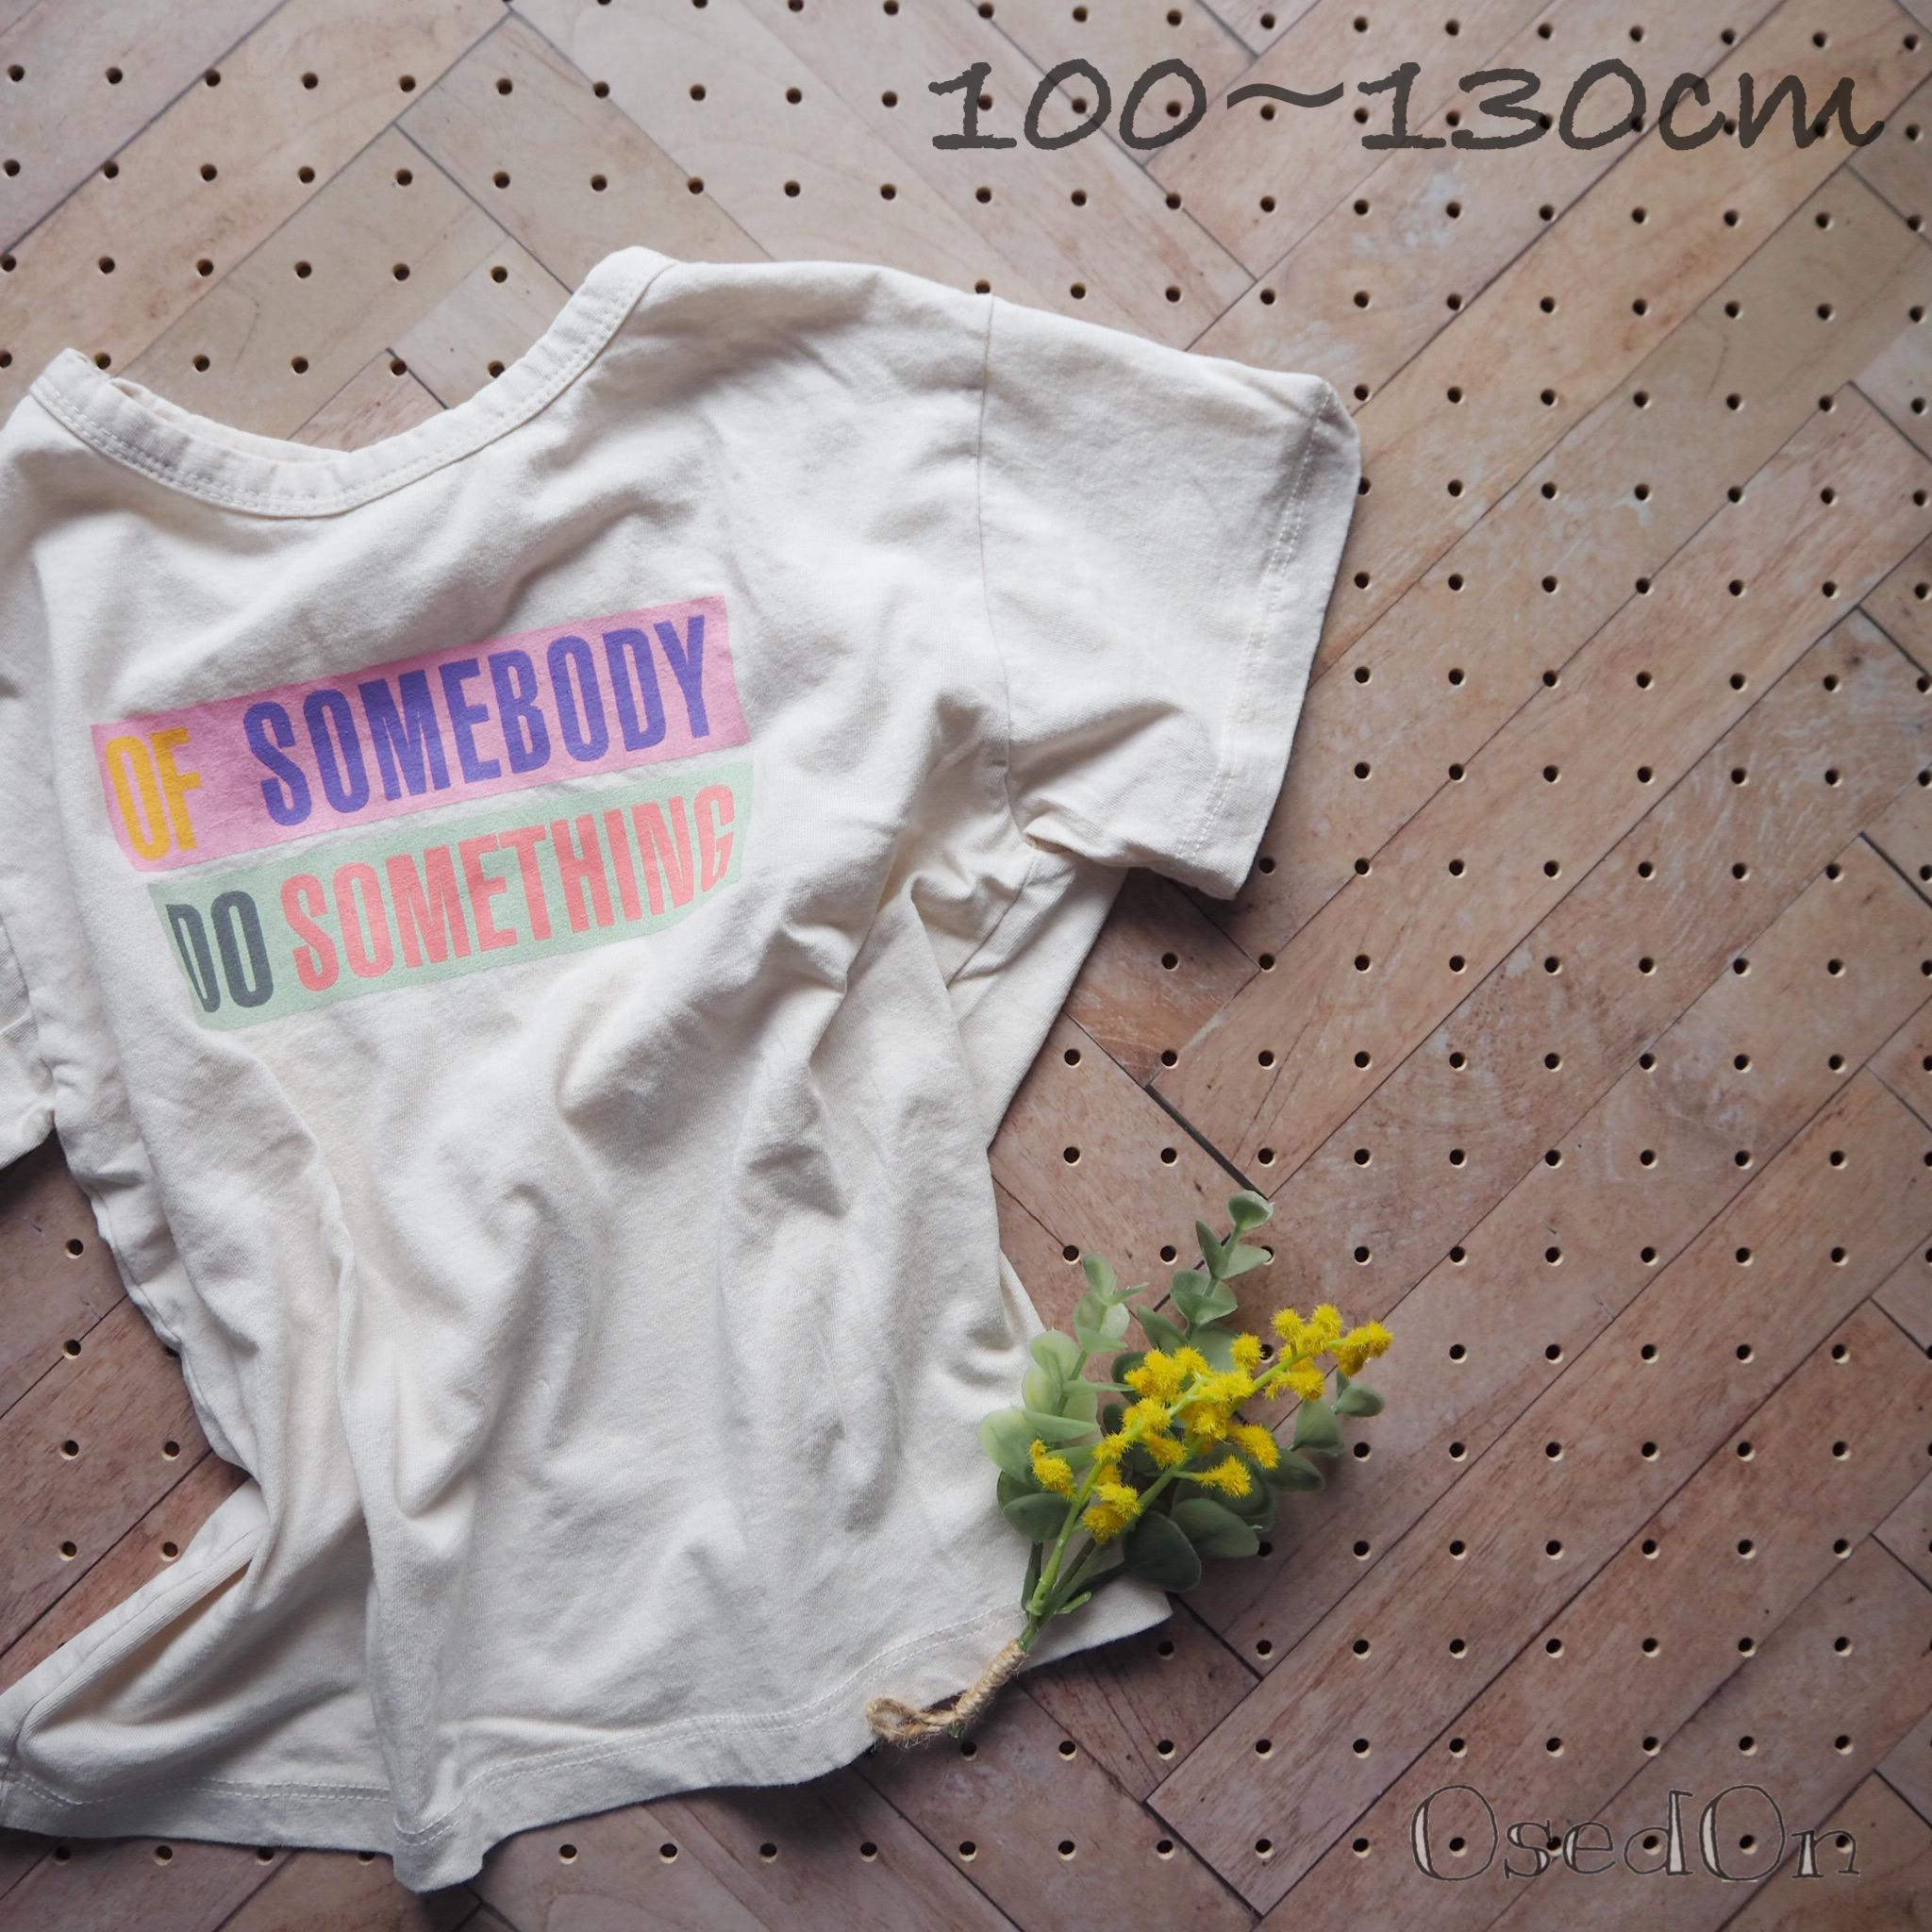 of somebody do something Tシャツ